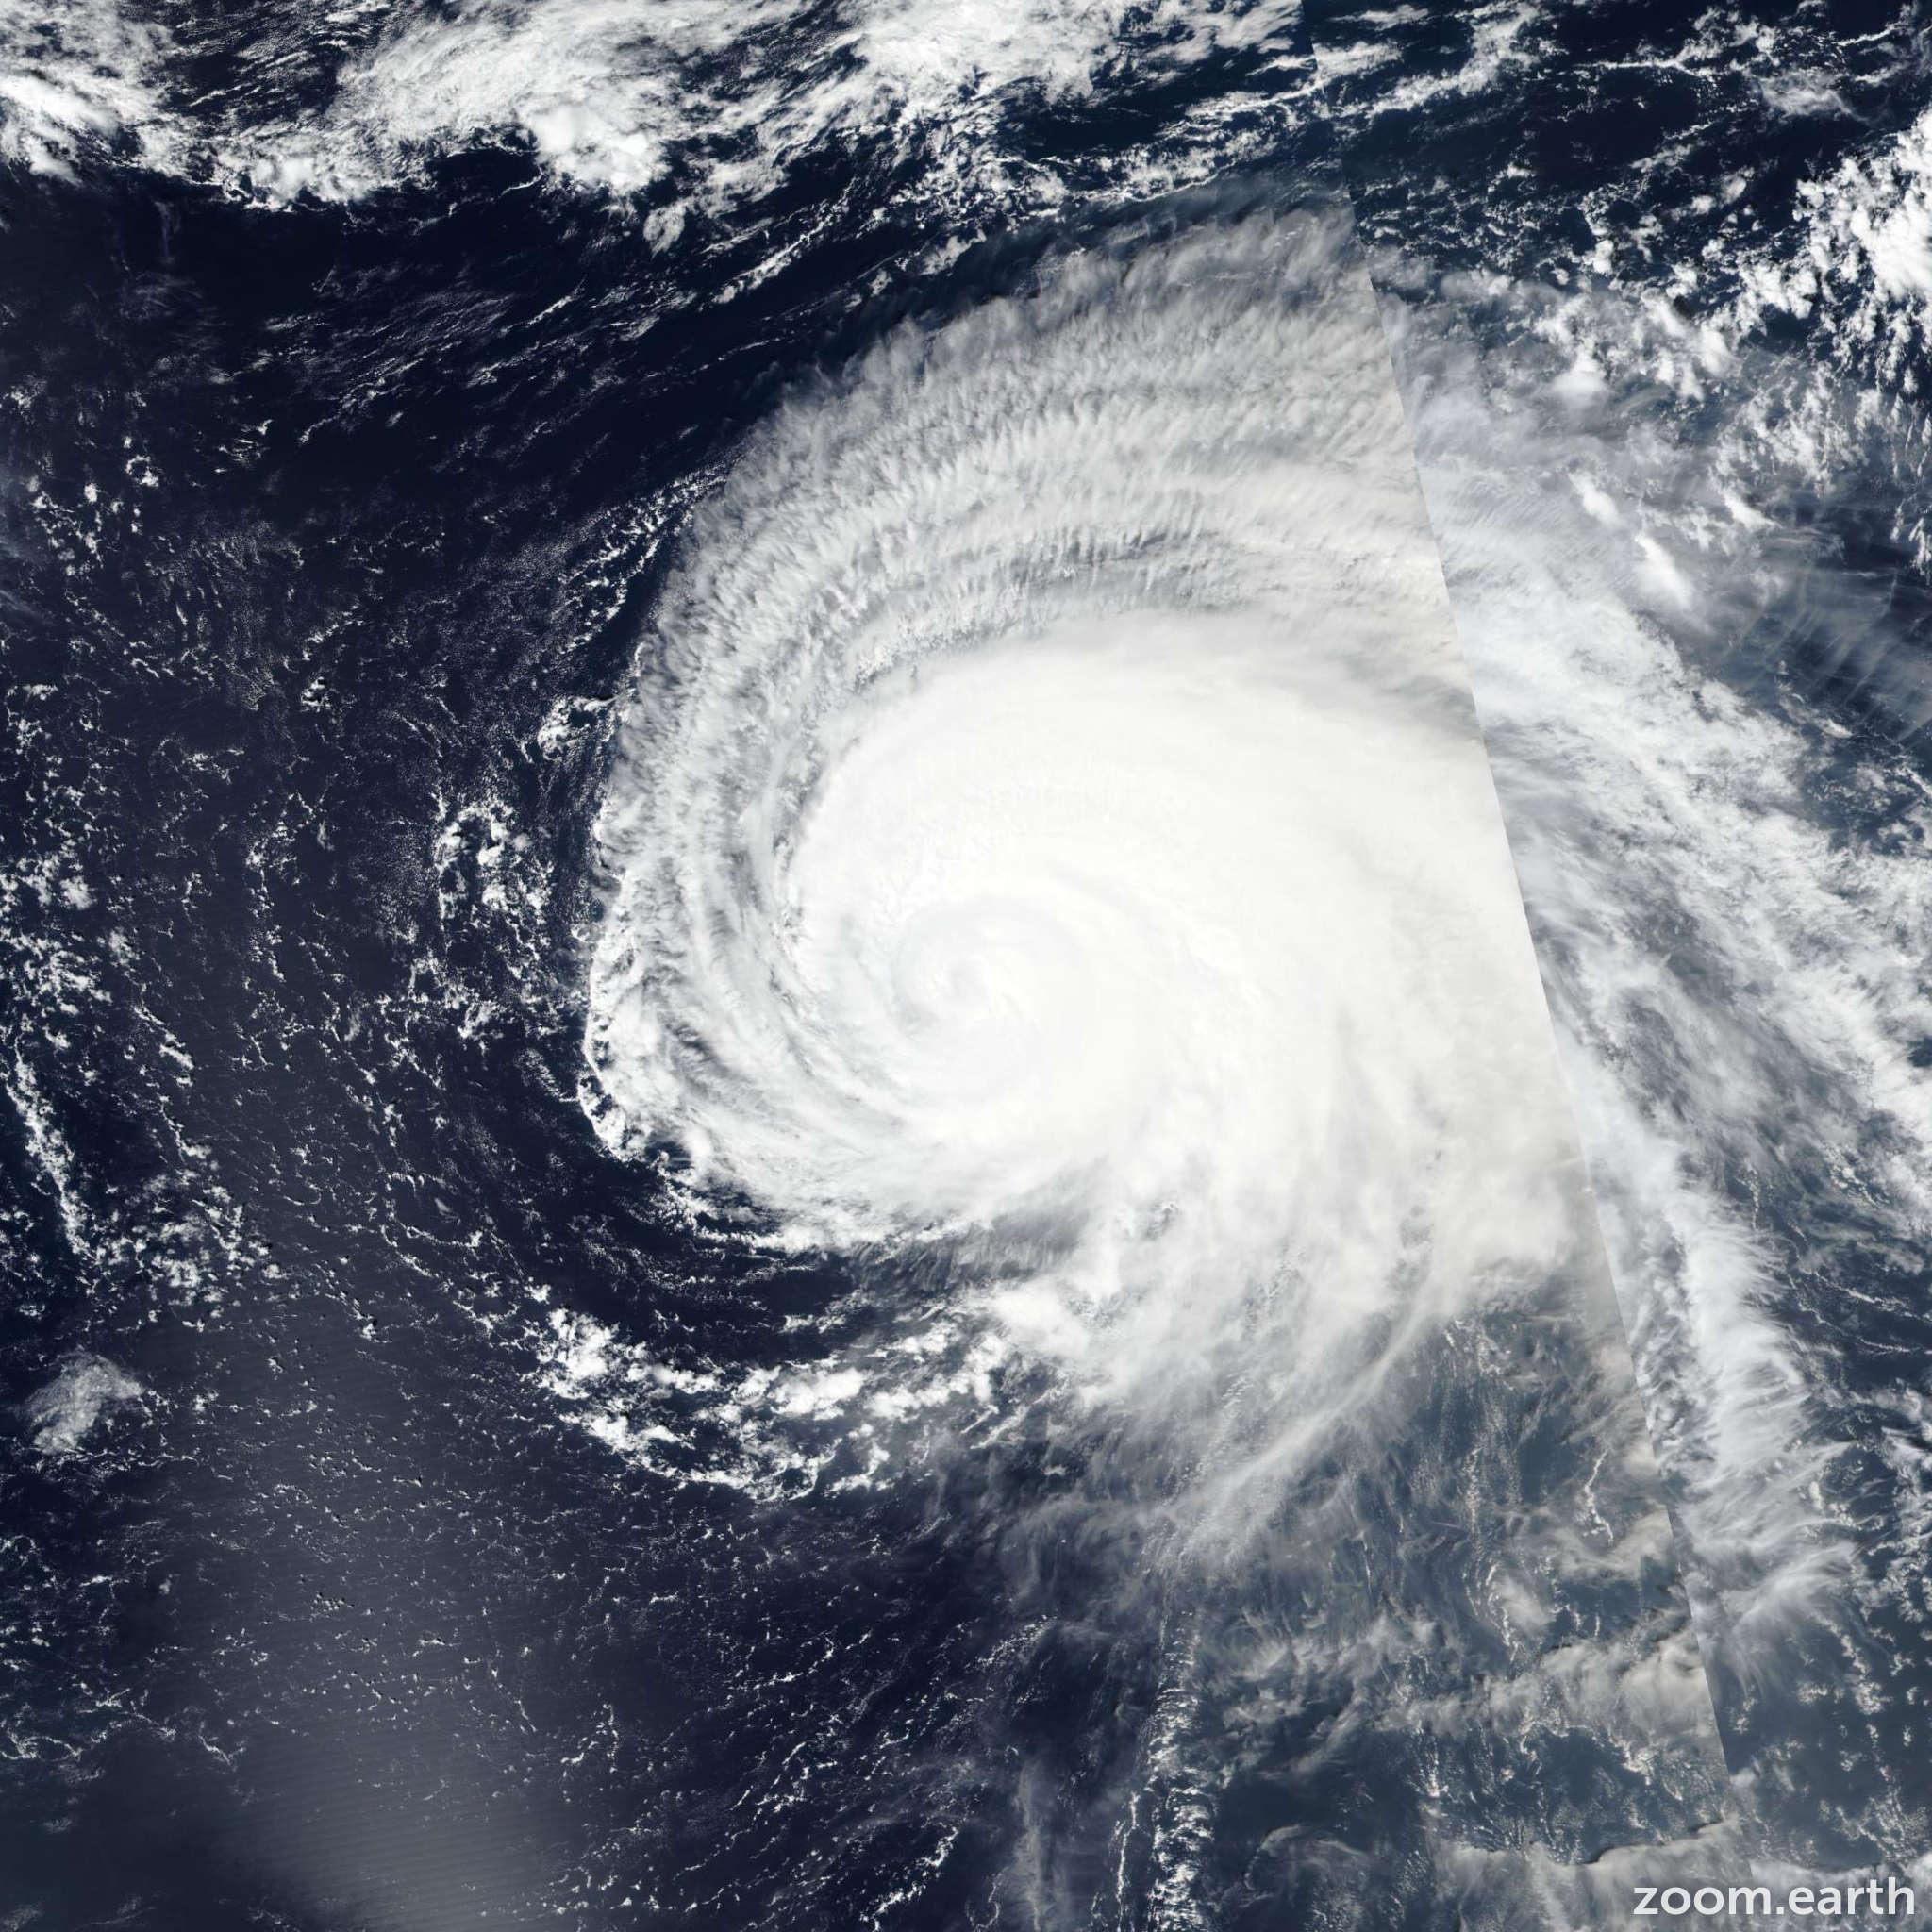 Satellite image of Hurricane Lorenzo 2019